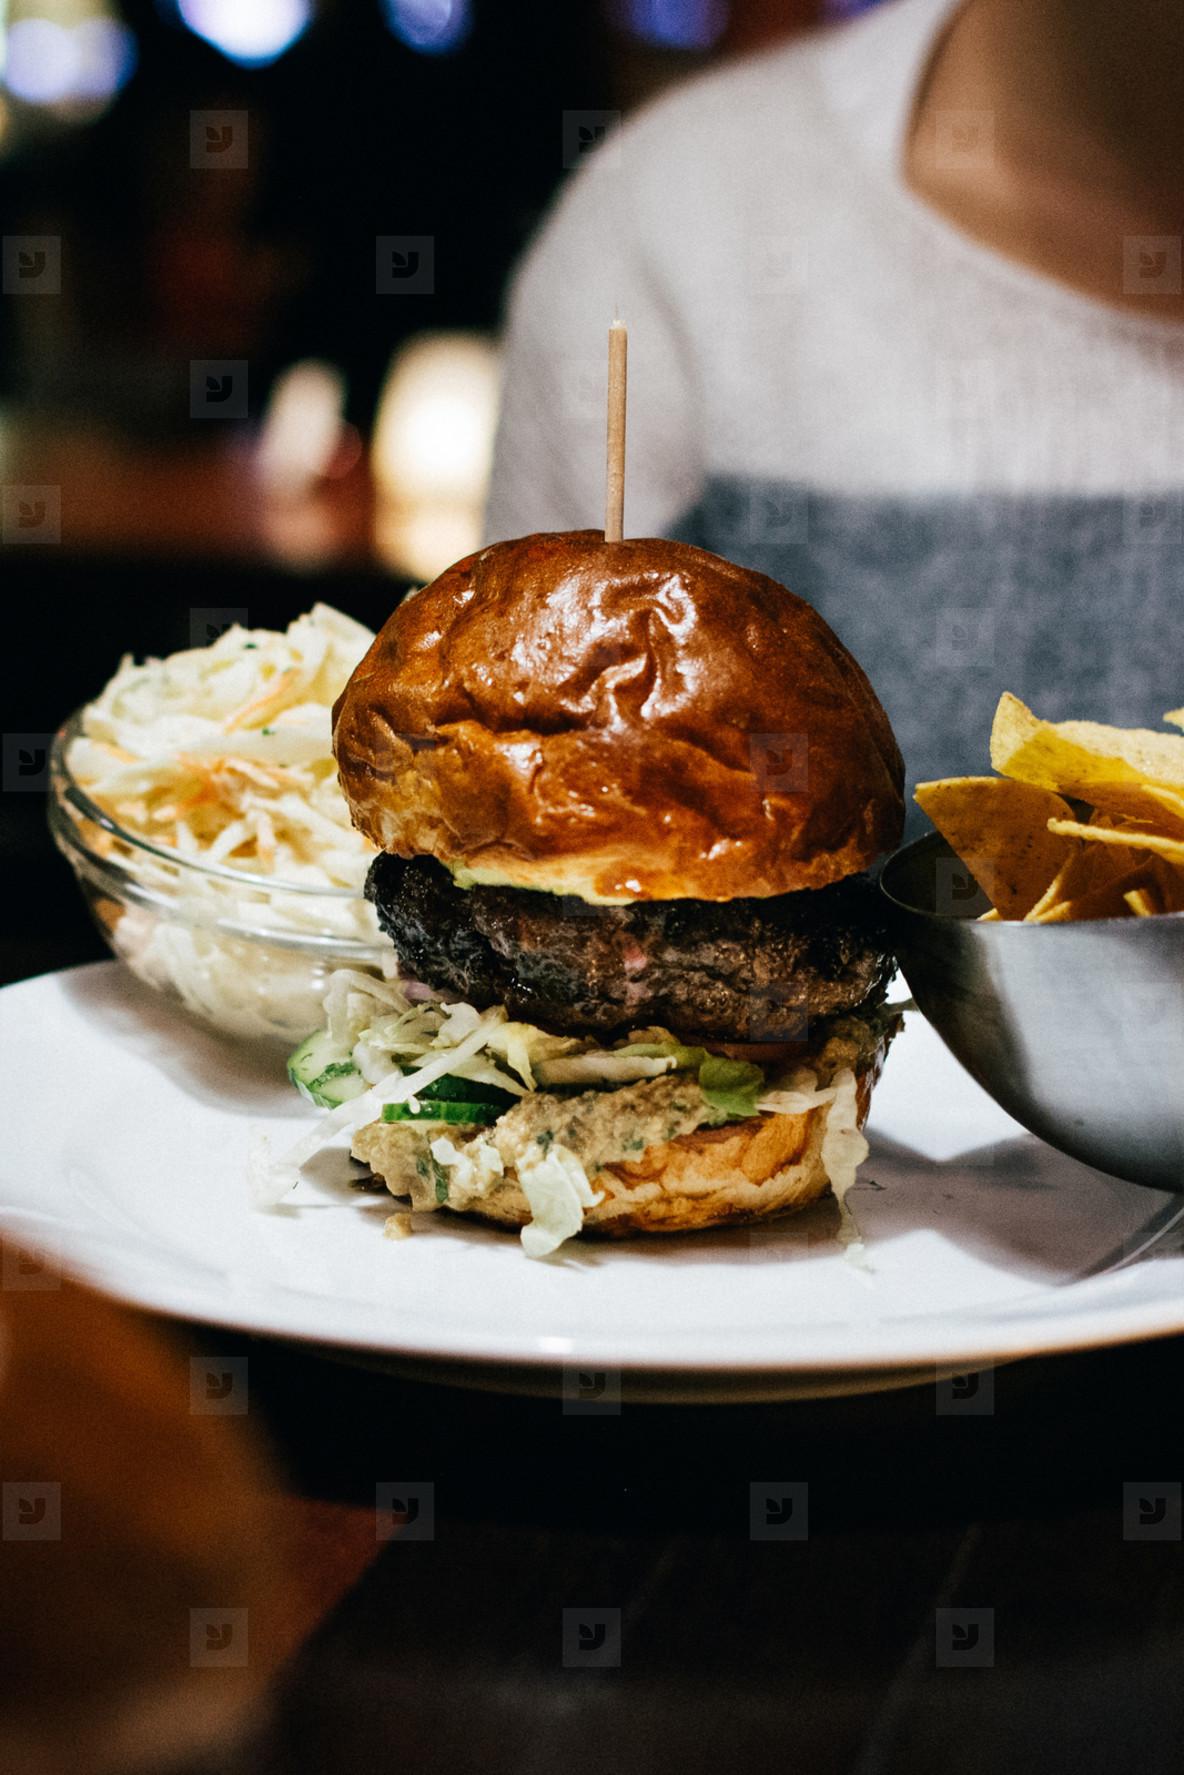 Closeup of a Beef Burger